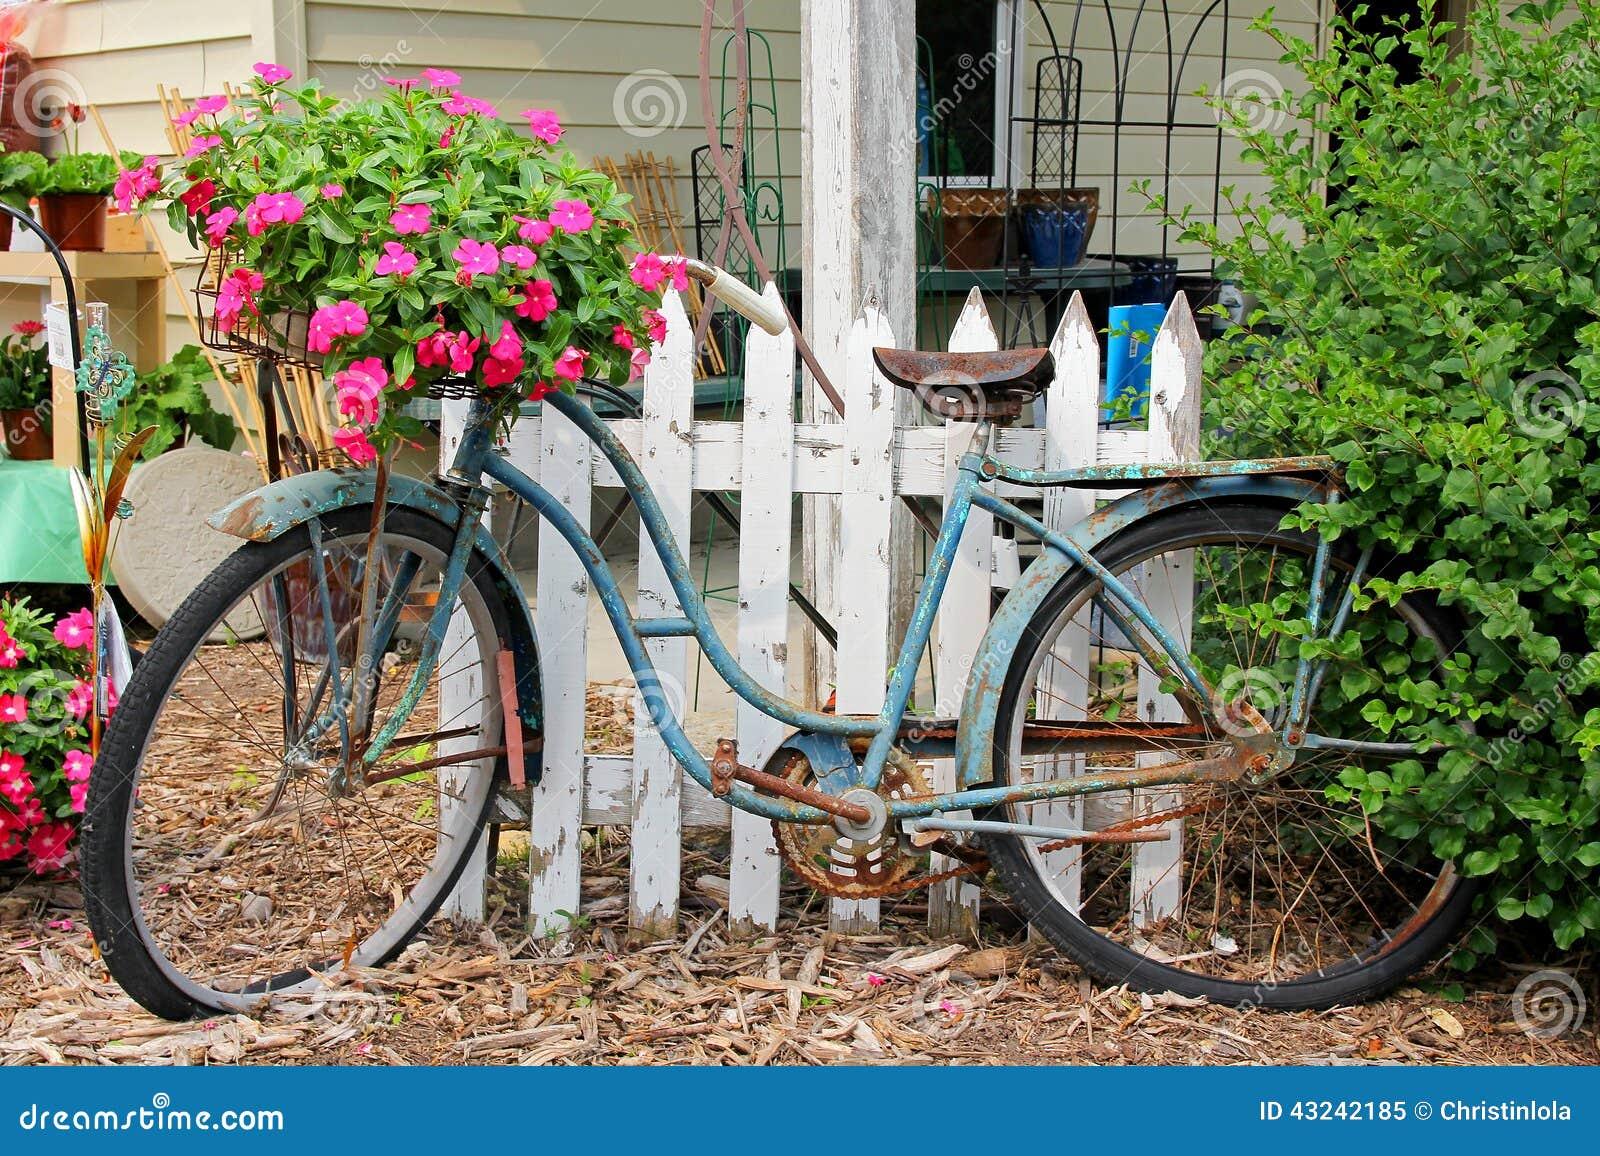 Rusty Old Vintage Bike Displayed dans le jardin d agrément